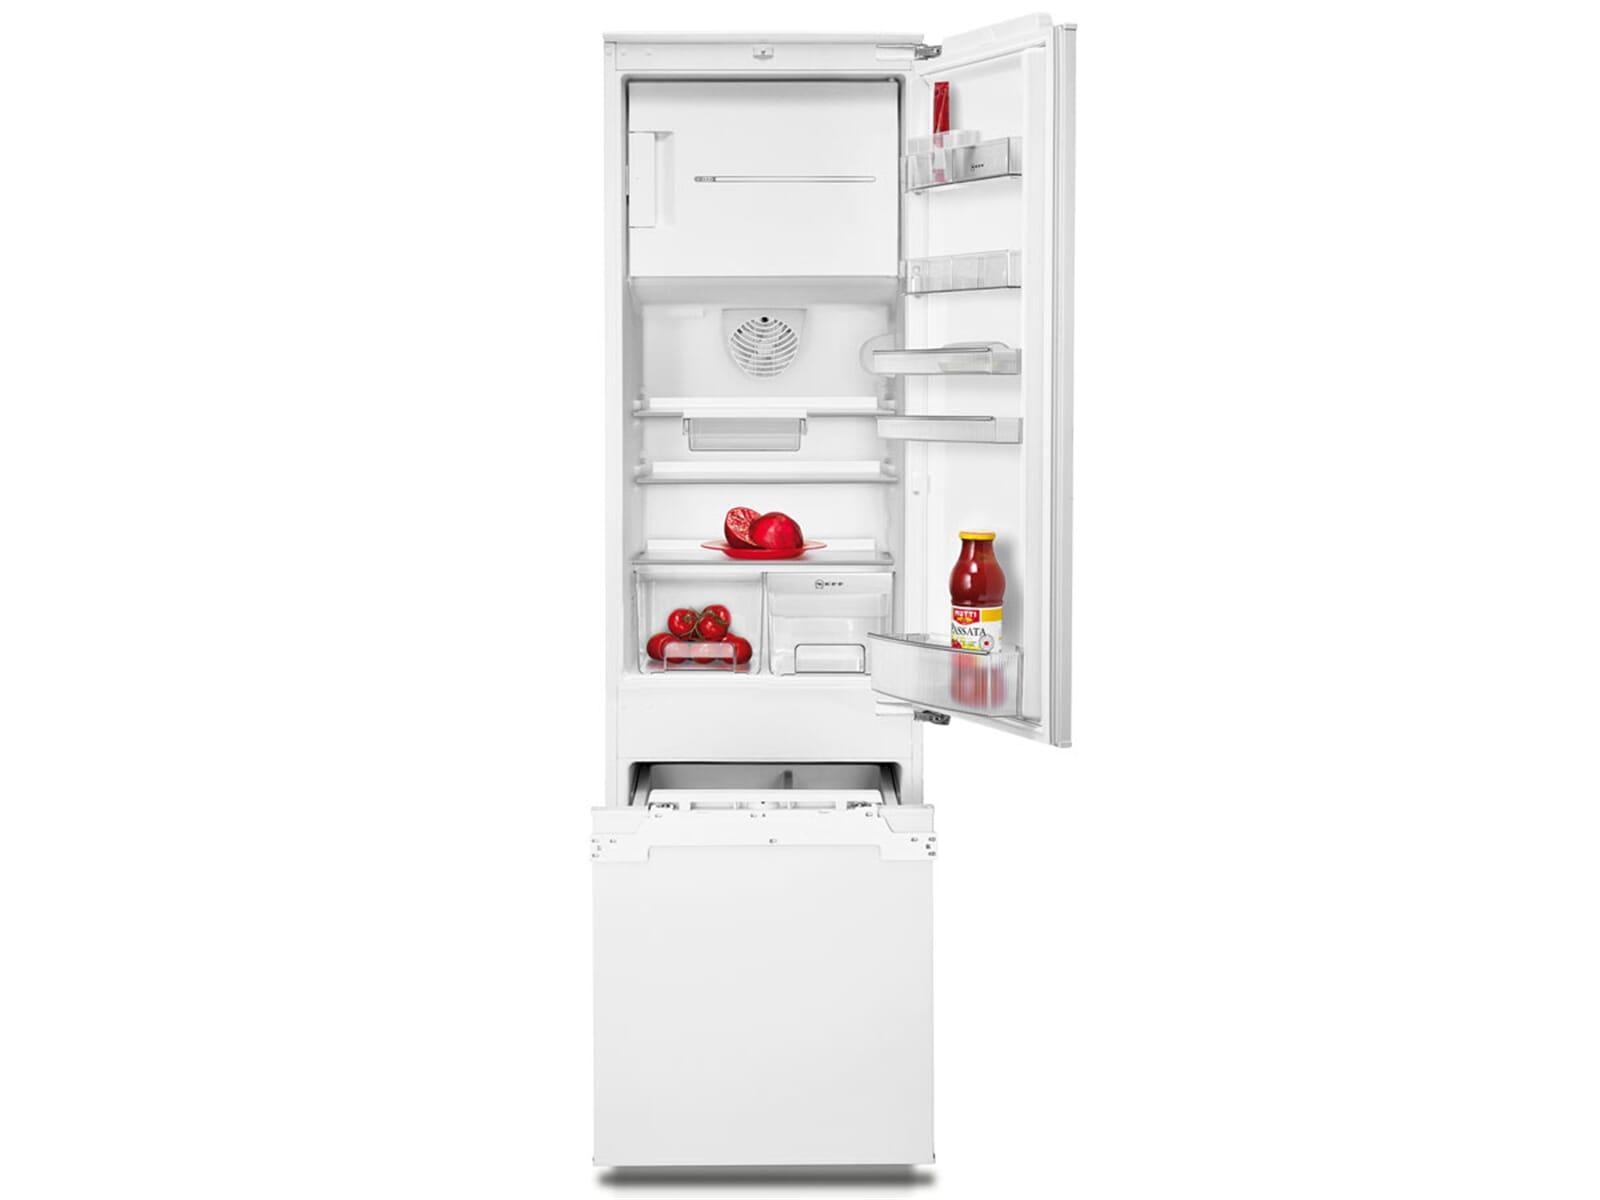 Kühlschrank Mit Kellerfach Bosch : Kühlschrank groß freistehend pkm ks 245 a 43 43 n2